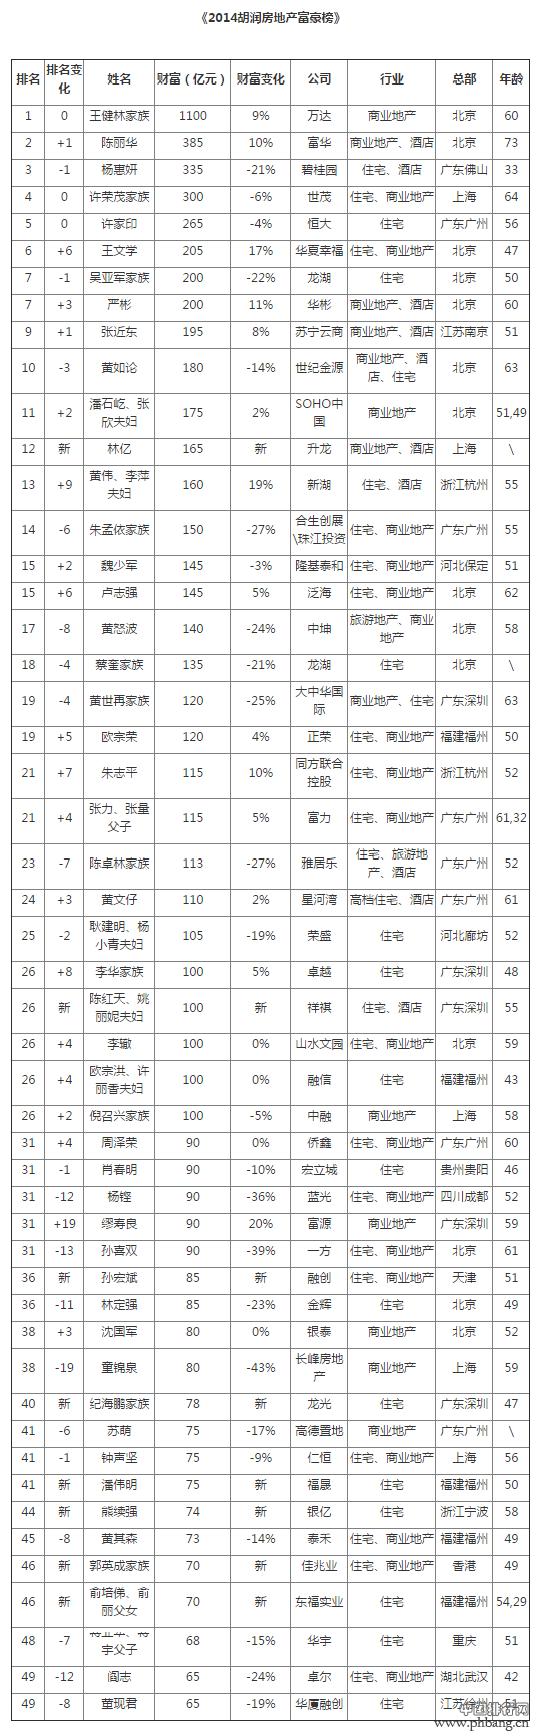 王健林1100亿元蝉联2014胡润房地产富豪榜榜首